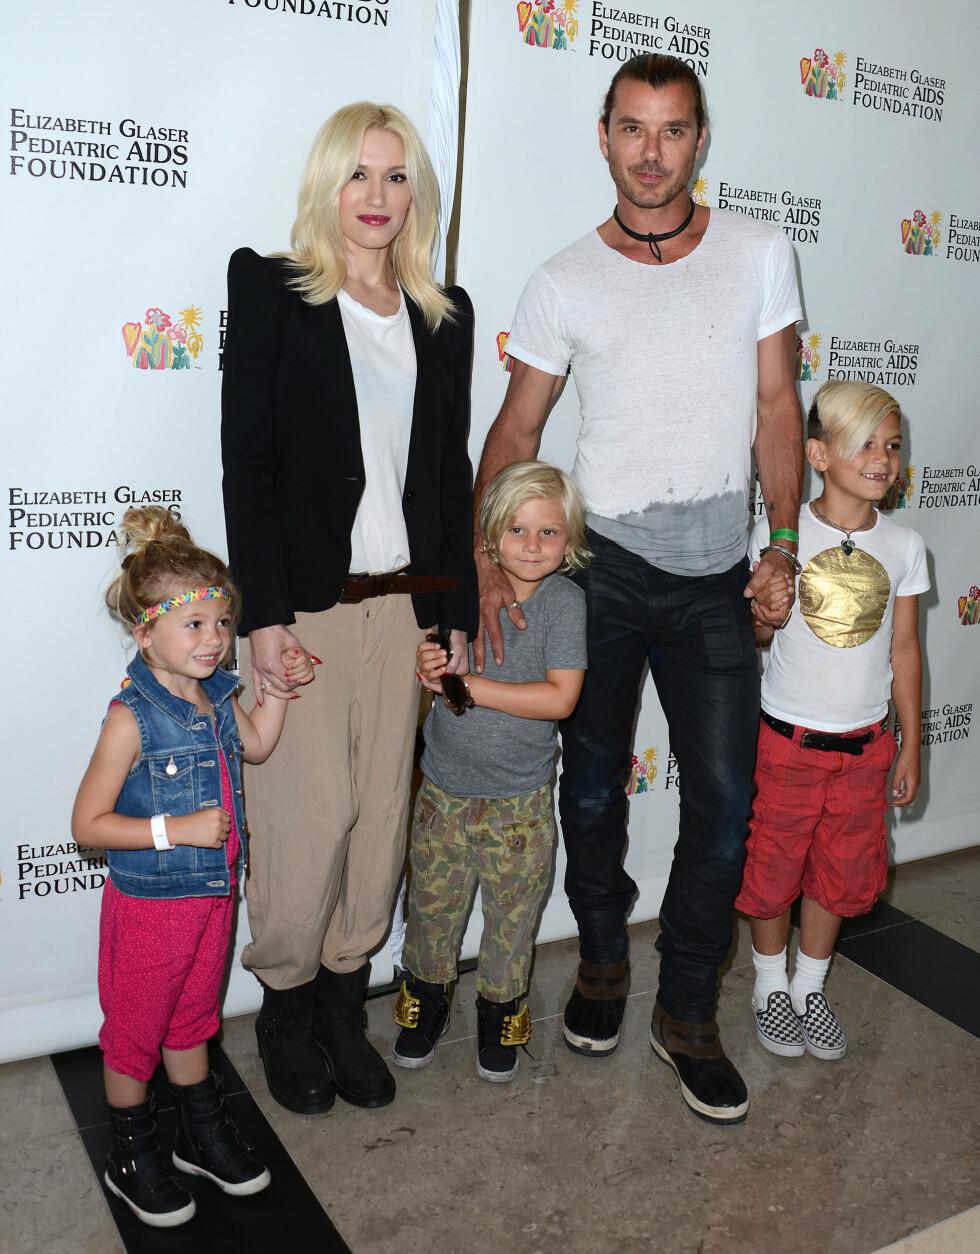 Stefani sammen med barna og eks-mannen Gavin Rossdale i 2013. Foto: NTB Scanpix